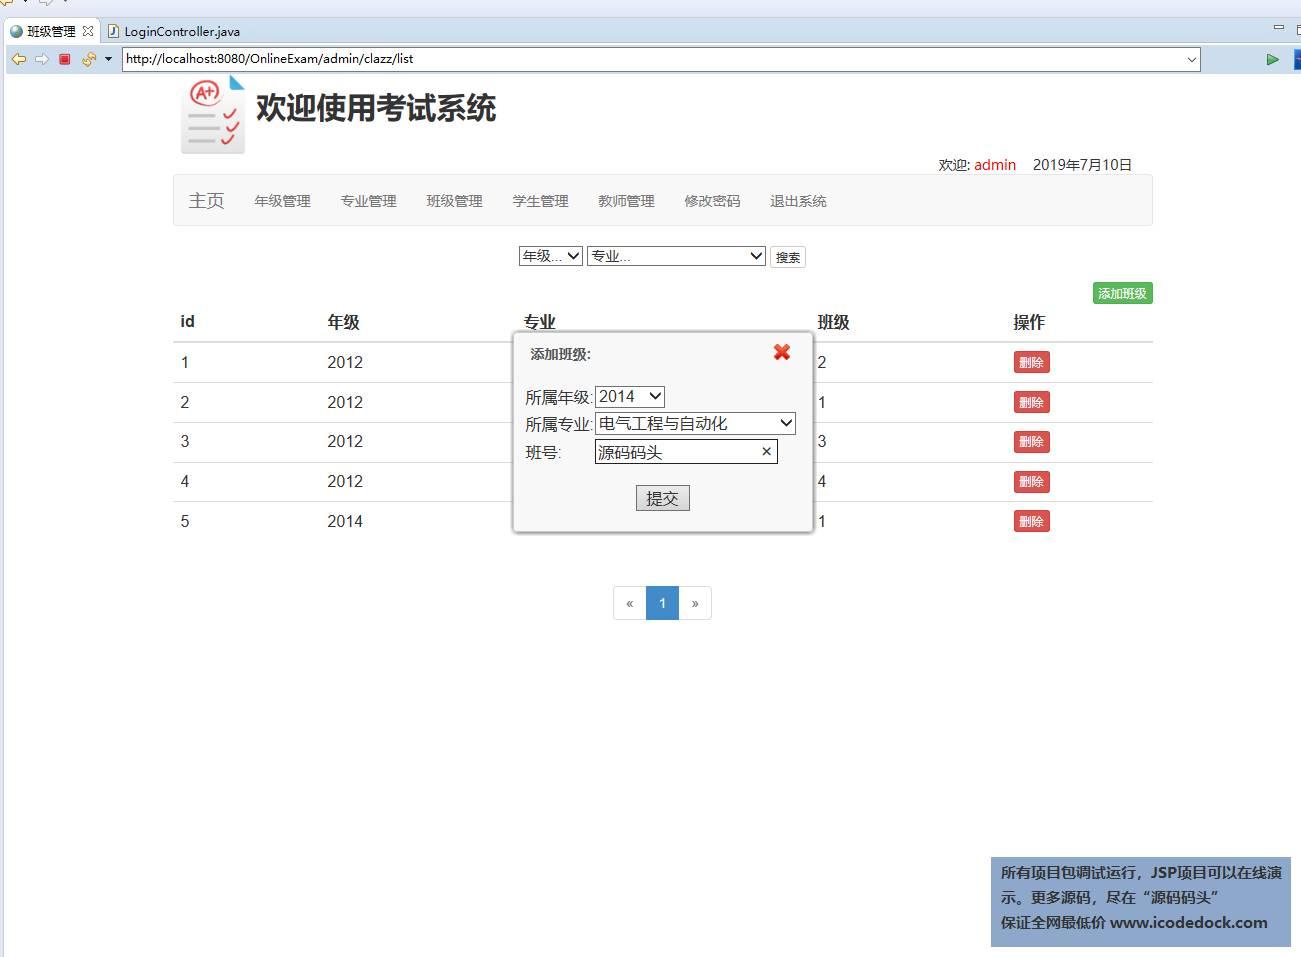 源码码头-Spring在线考试系统-管理员角色-班级管理